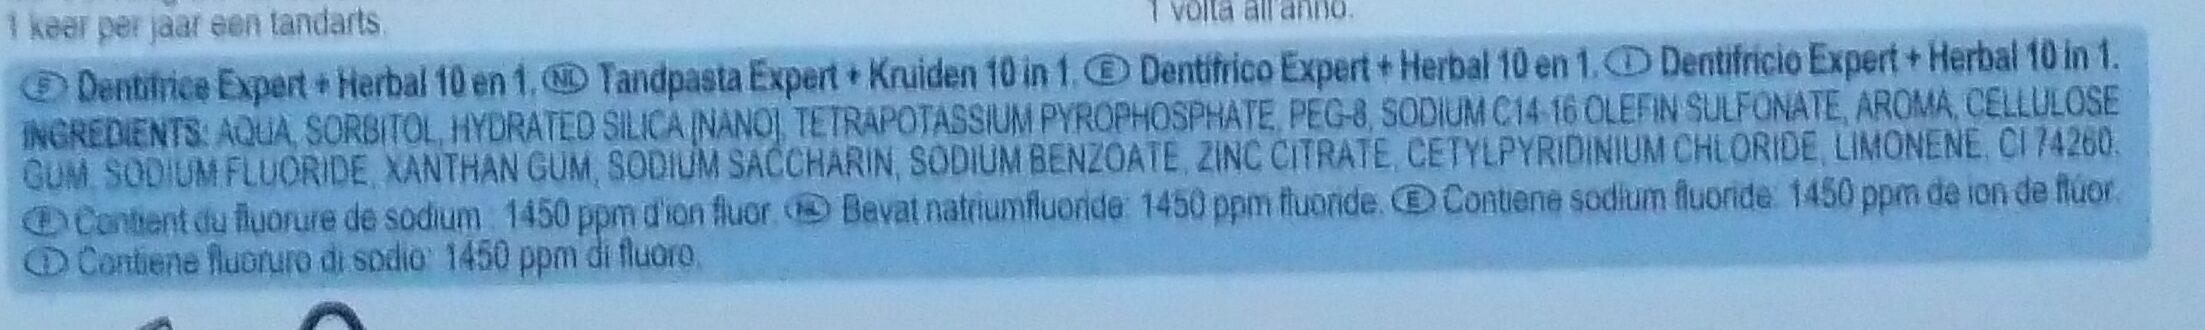 Dentalyss herbal - Ingrédients - fr